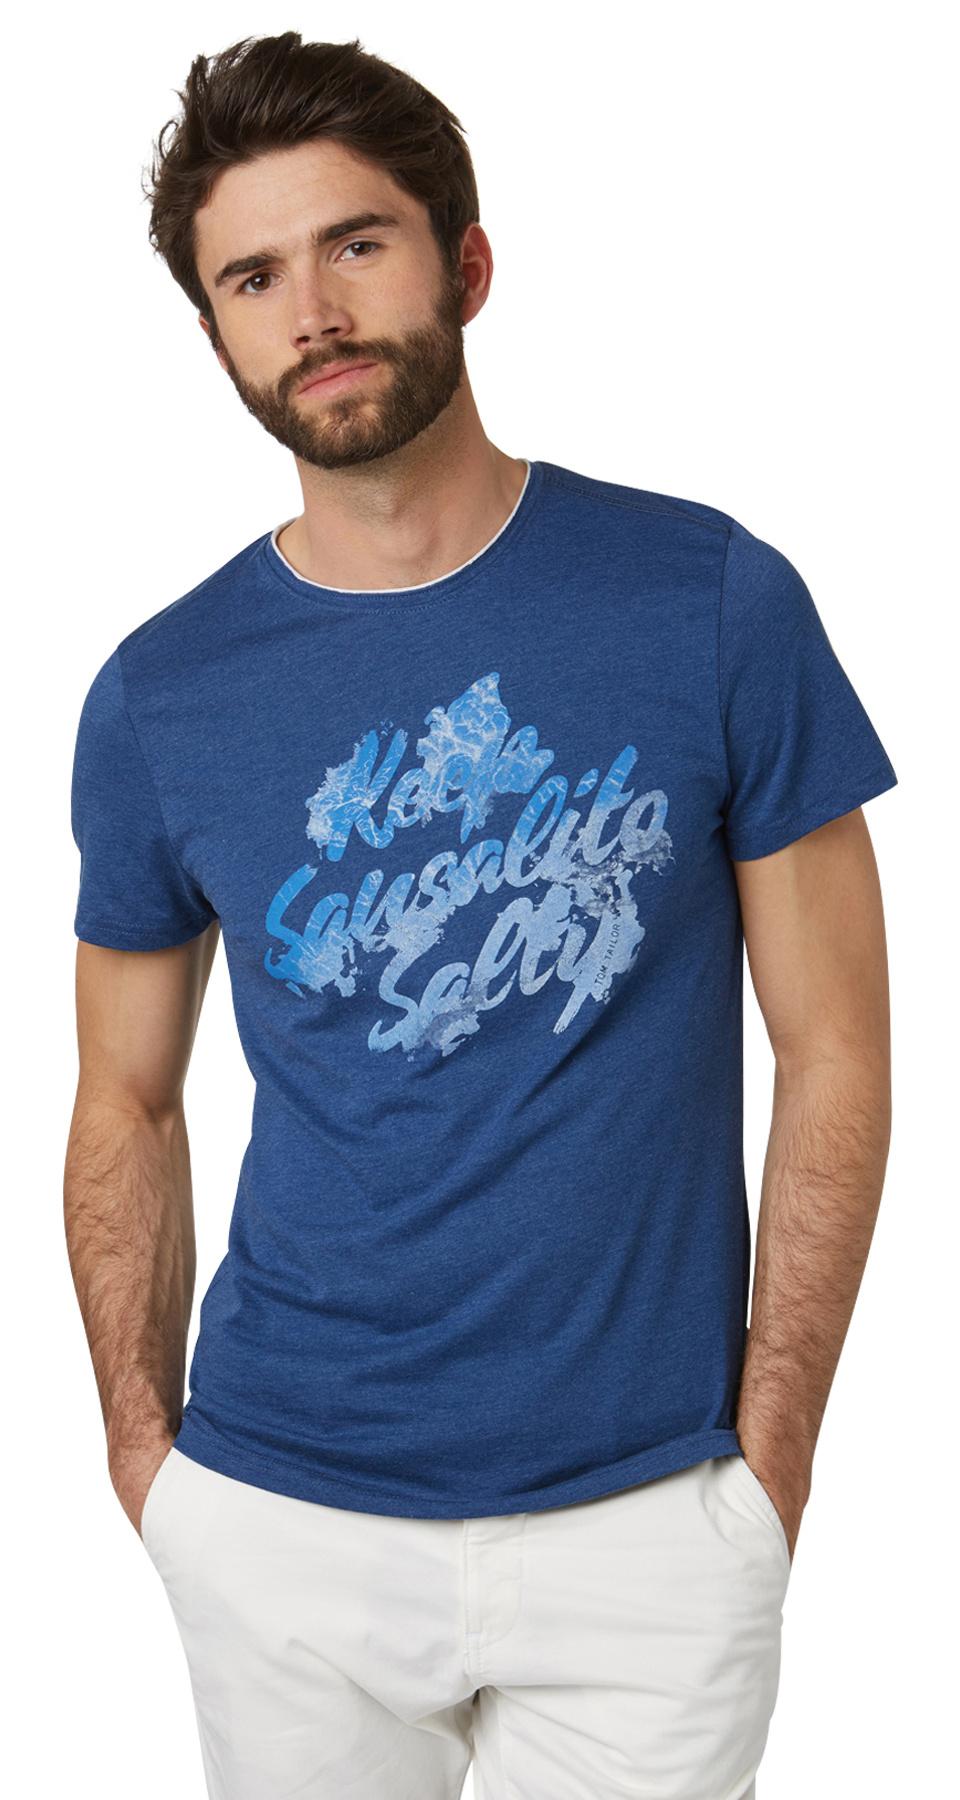 Tom Tailor pánské triko 10377050010/6621 Modrá XXL